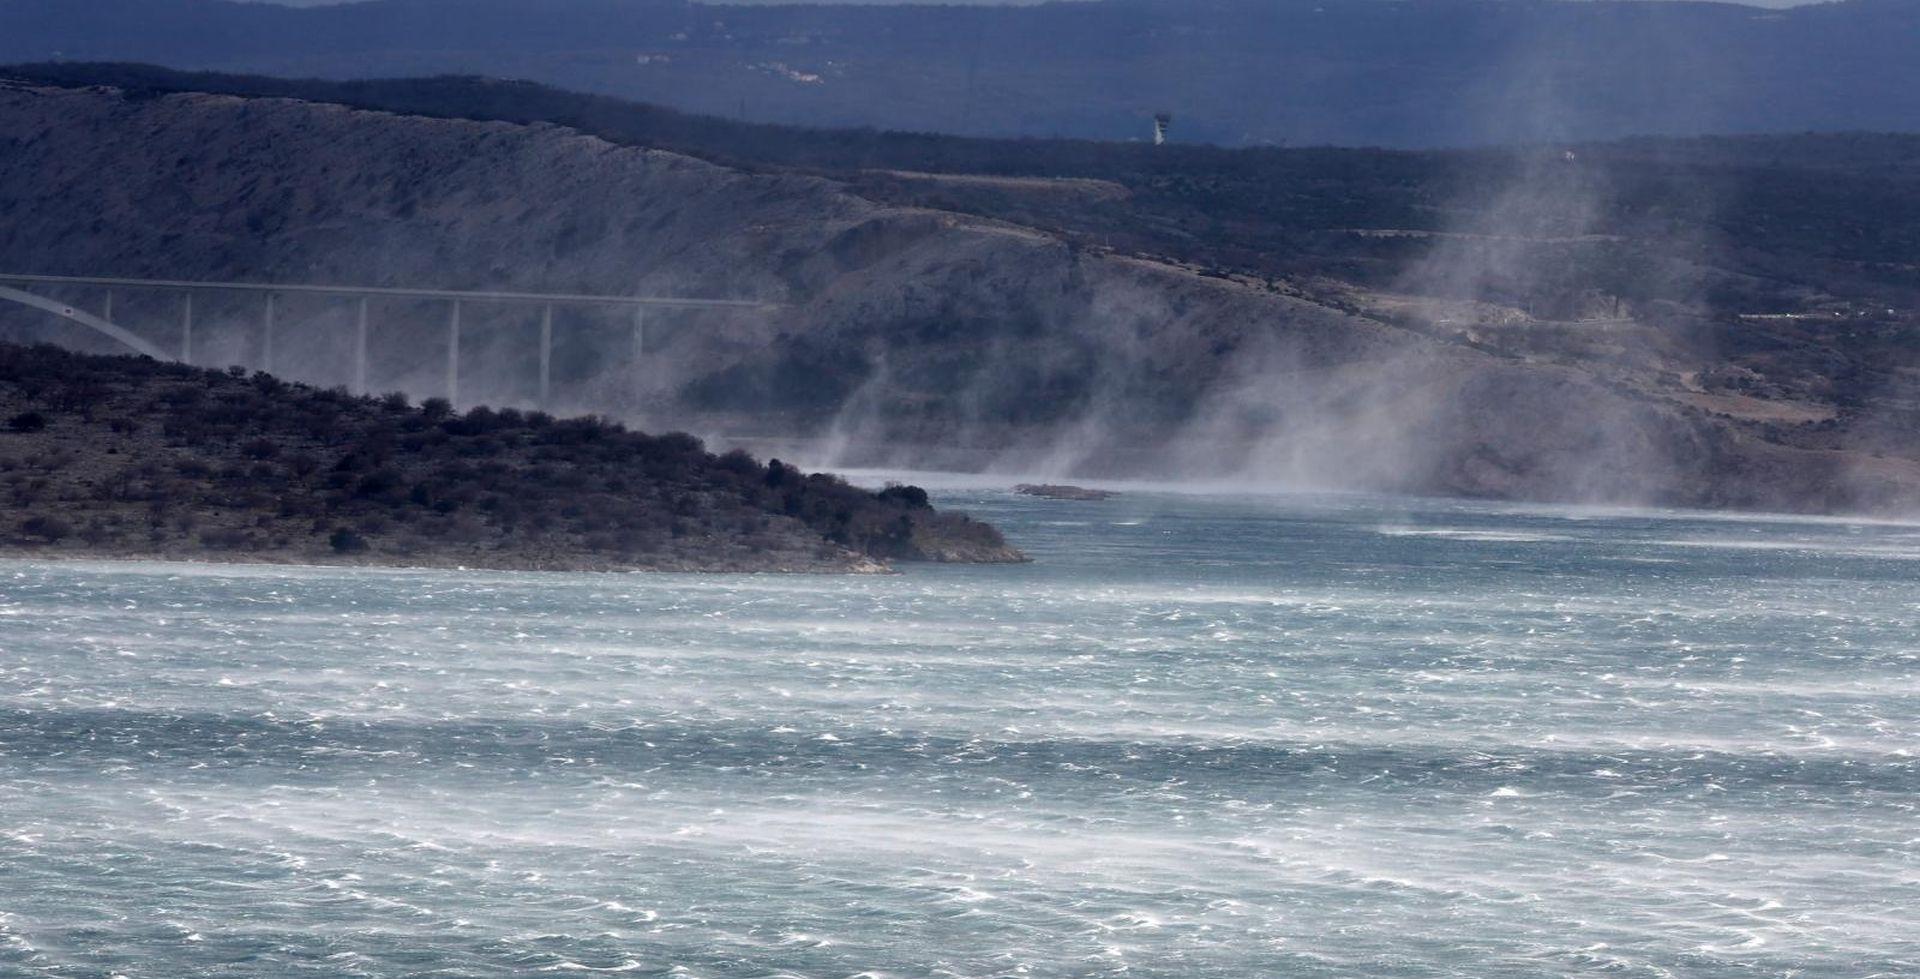 Olujni vjetar otežava promet, problemi i u pomorskom prometu